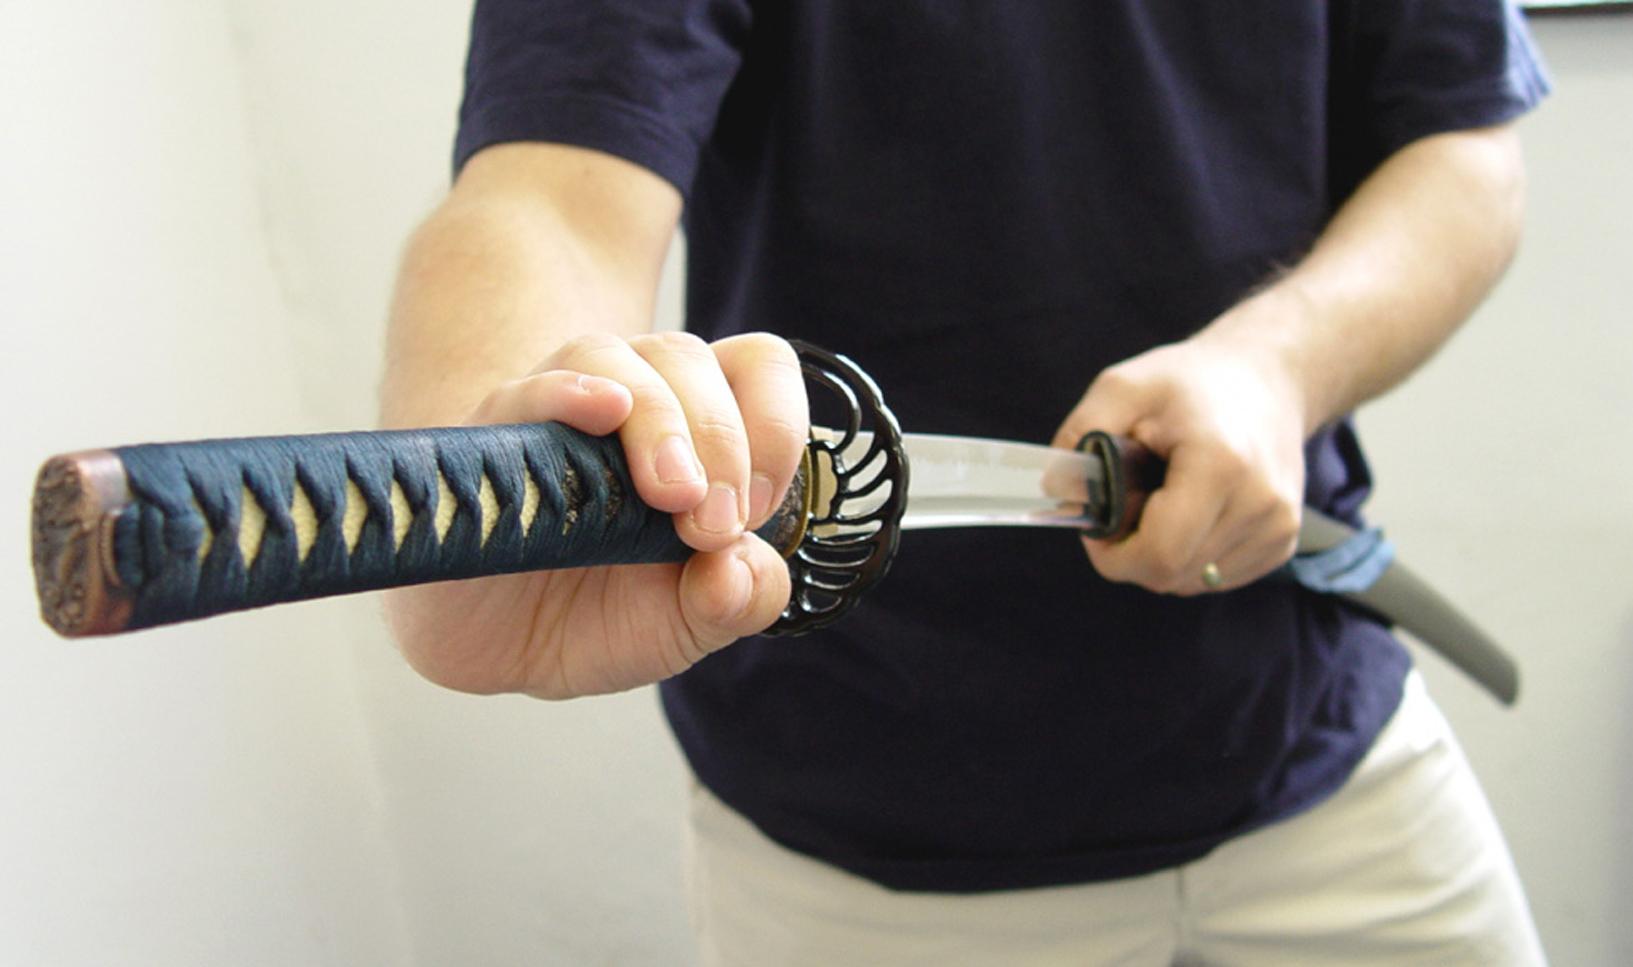 Z PODKARPACIA. Mężczyzna zaatakowany mieczem samurajskim - Zdjęcie główne